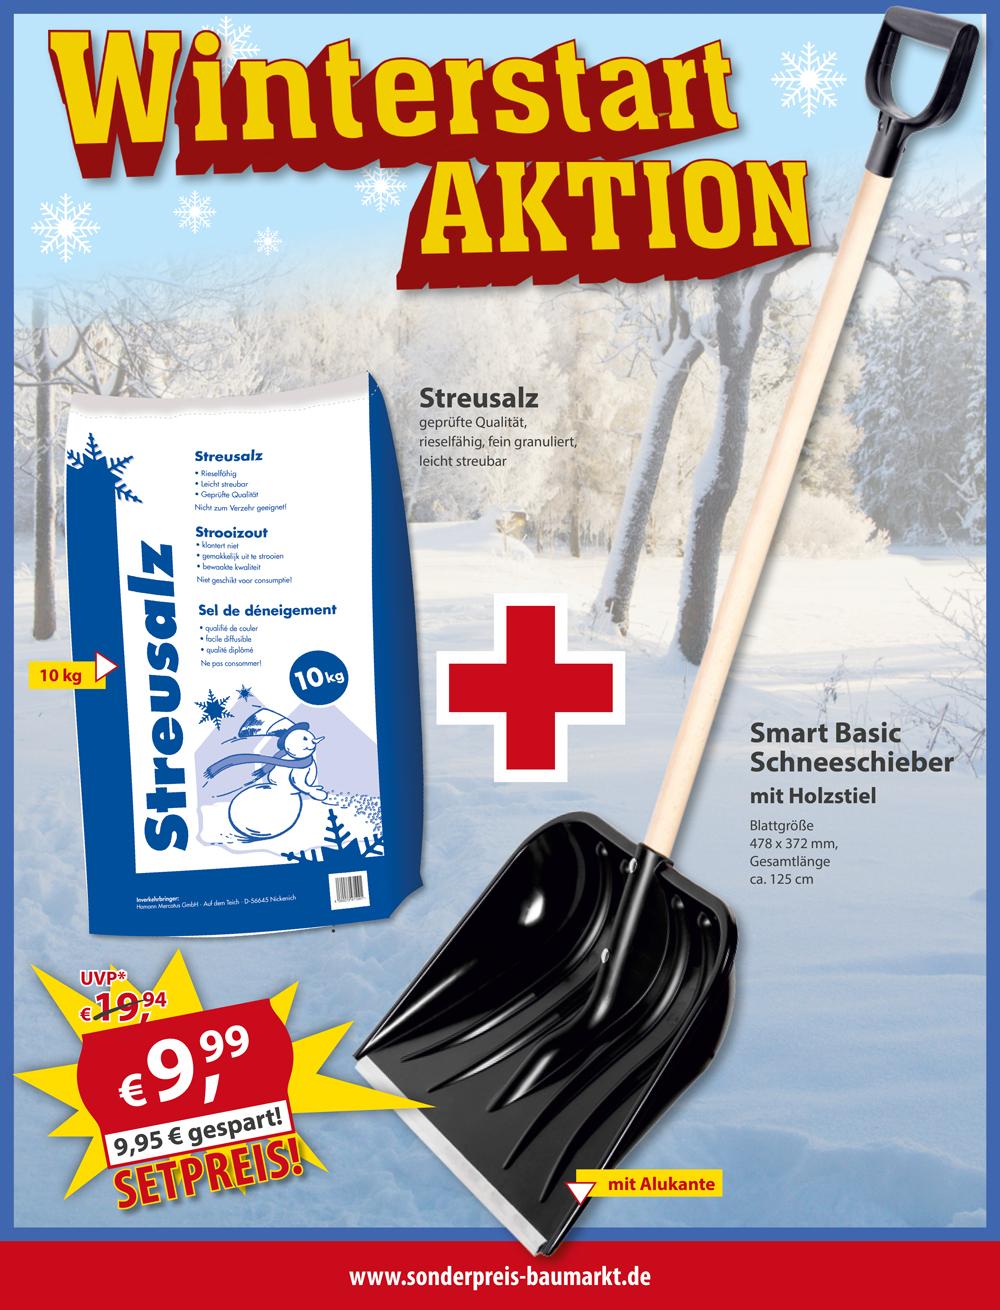 Offline bei Sonderpreis Baumarkt: Schneeschieber und 10 kg Streusalz für zusammen 9,99 €